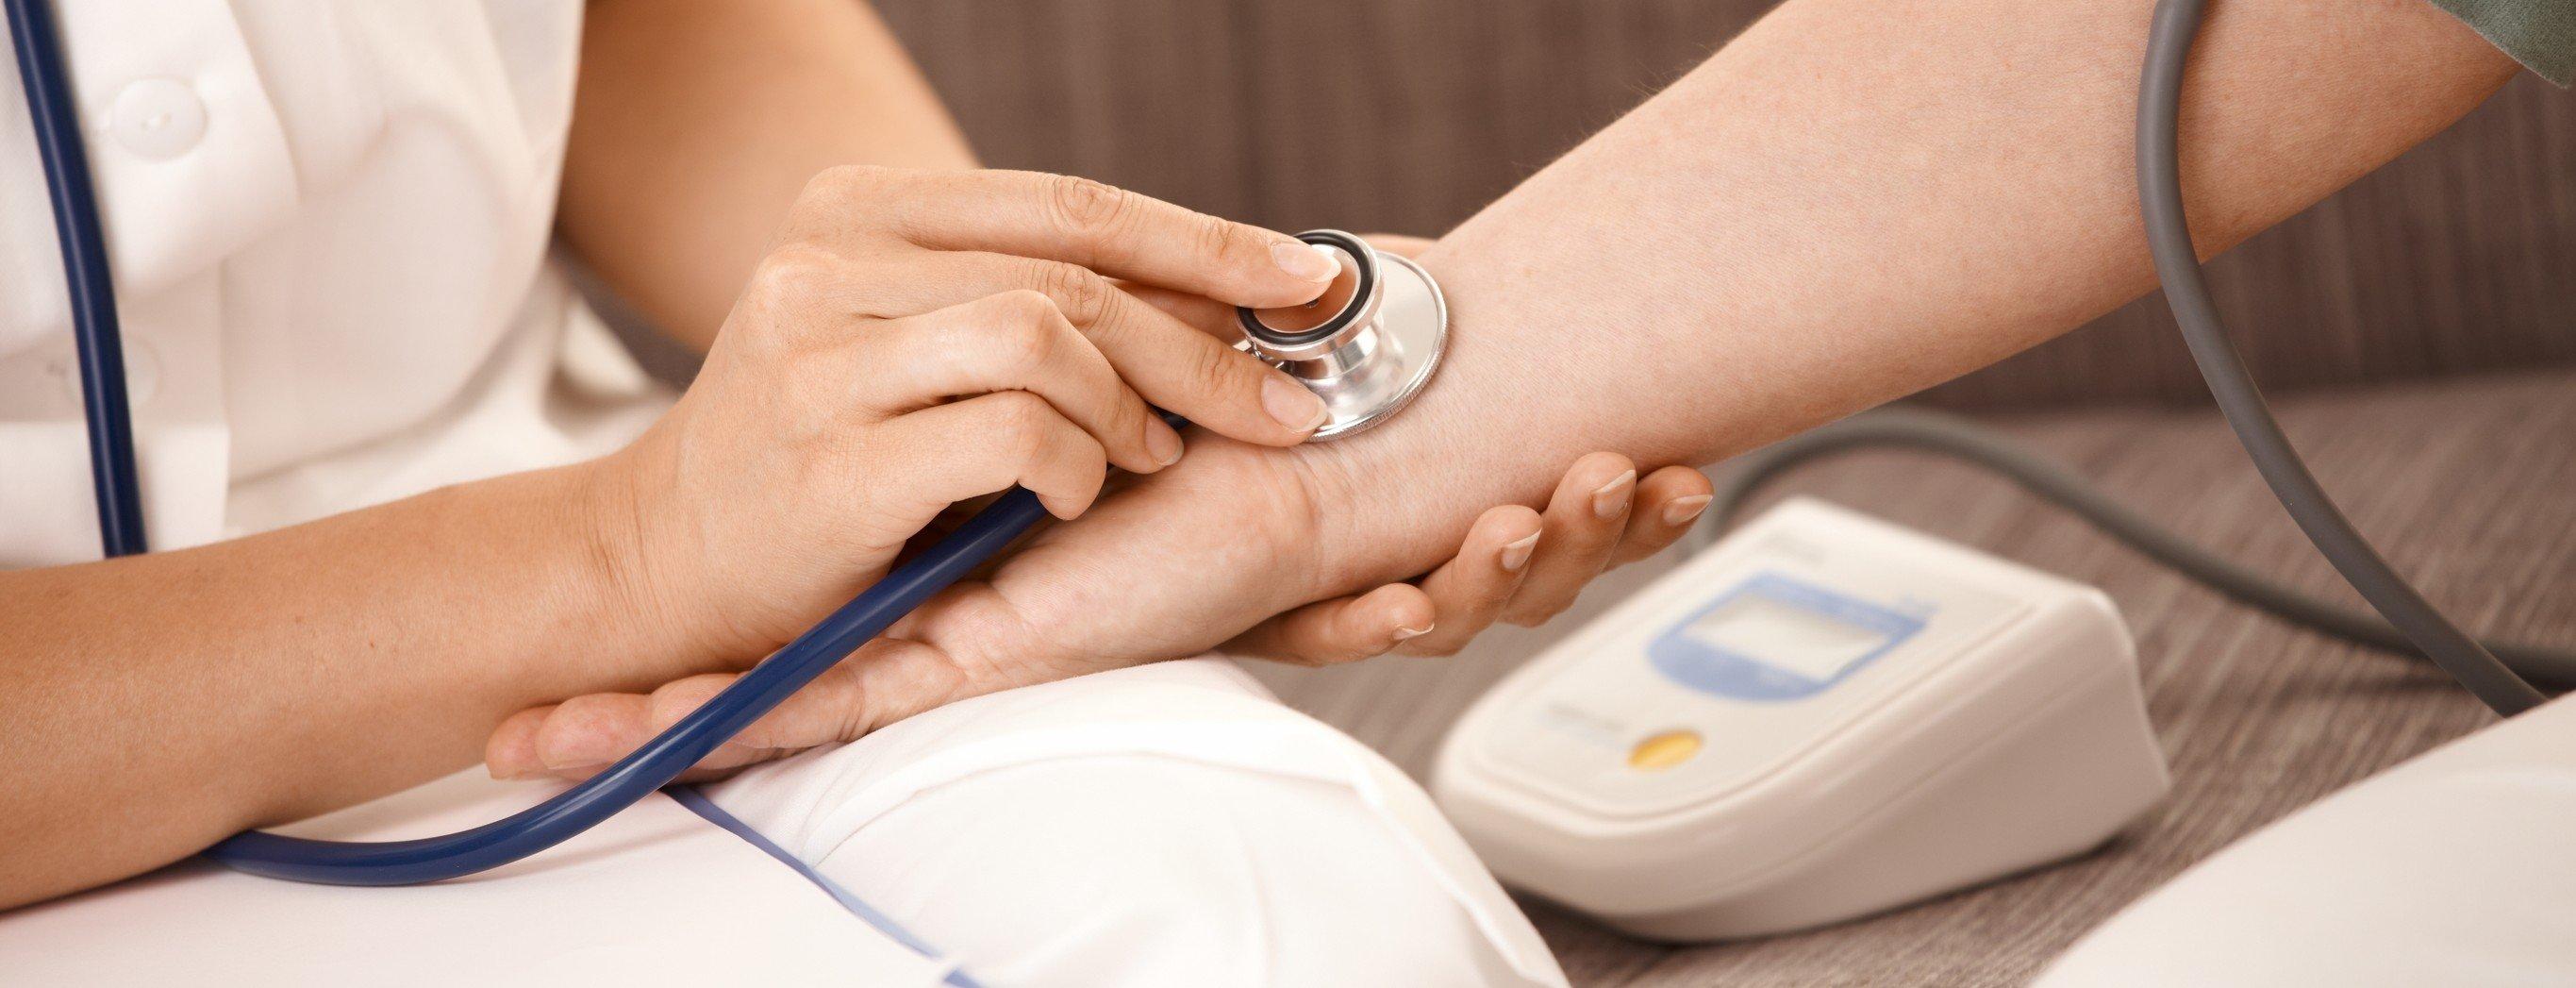 Цусны даралтаа хянаж, зүрх судасны өвчлөлөөс сэргийлье!